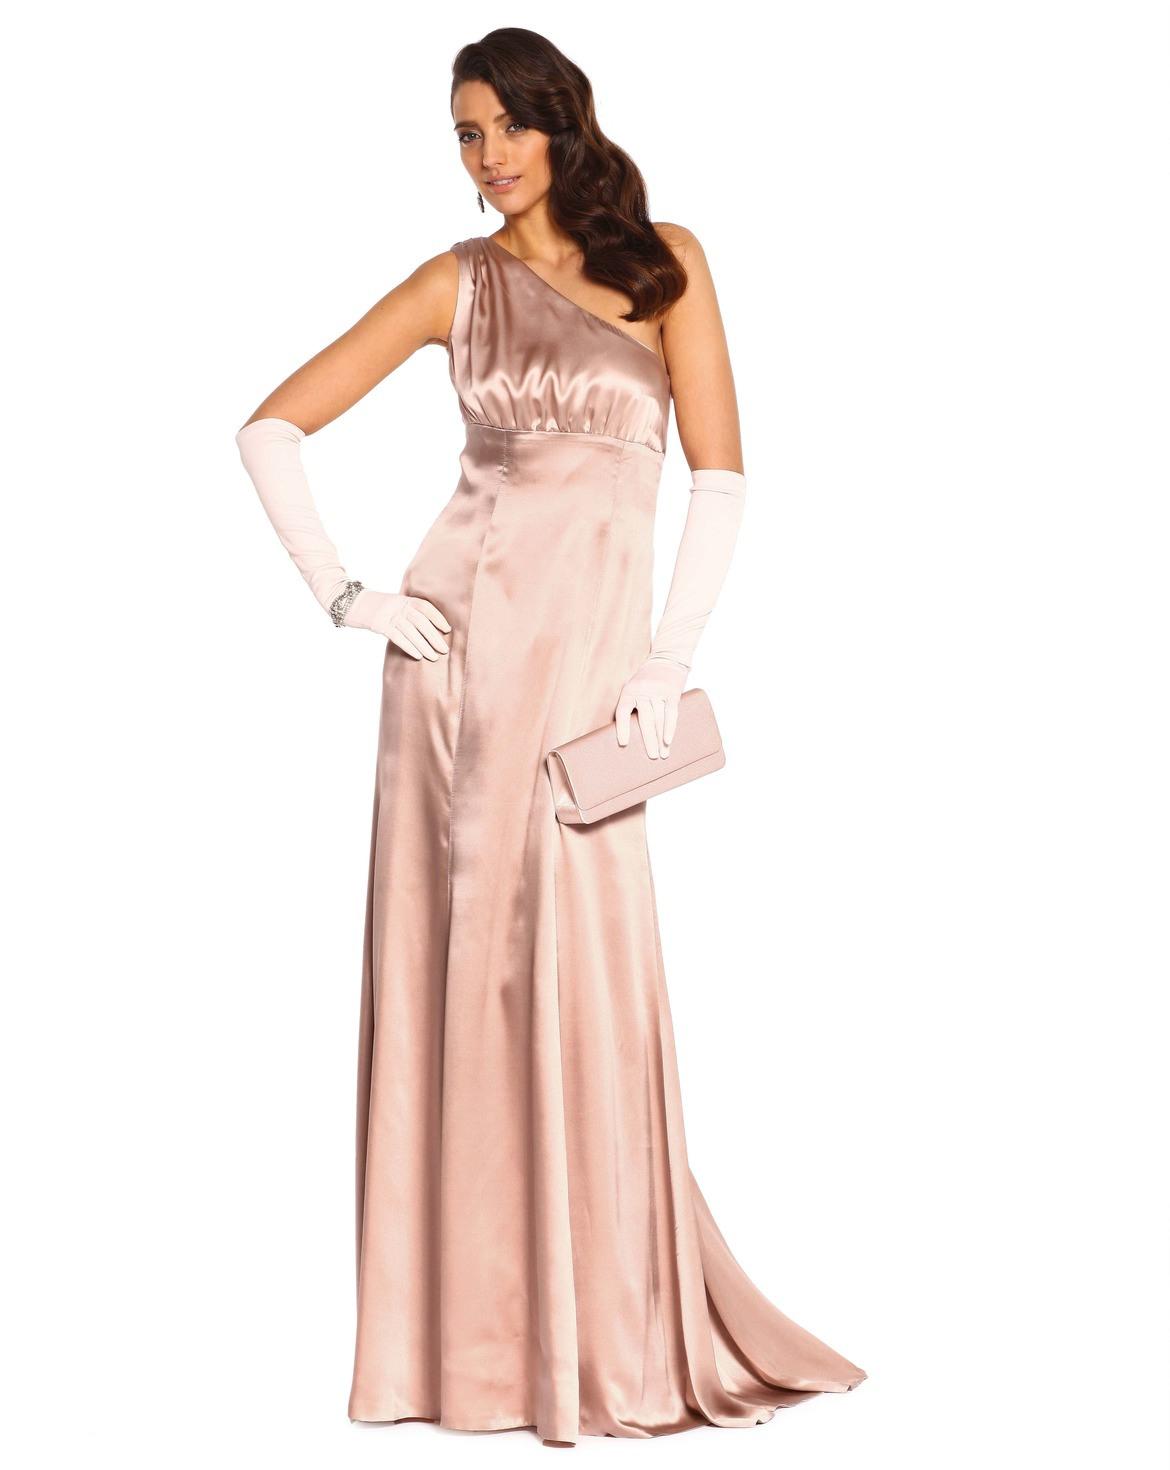 Einfach Abendkleider Schnittmuster DesignFormal Spektakulär Abendkleider Schnittmuster Ärmel